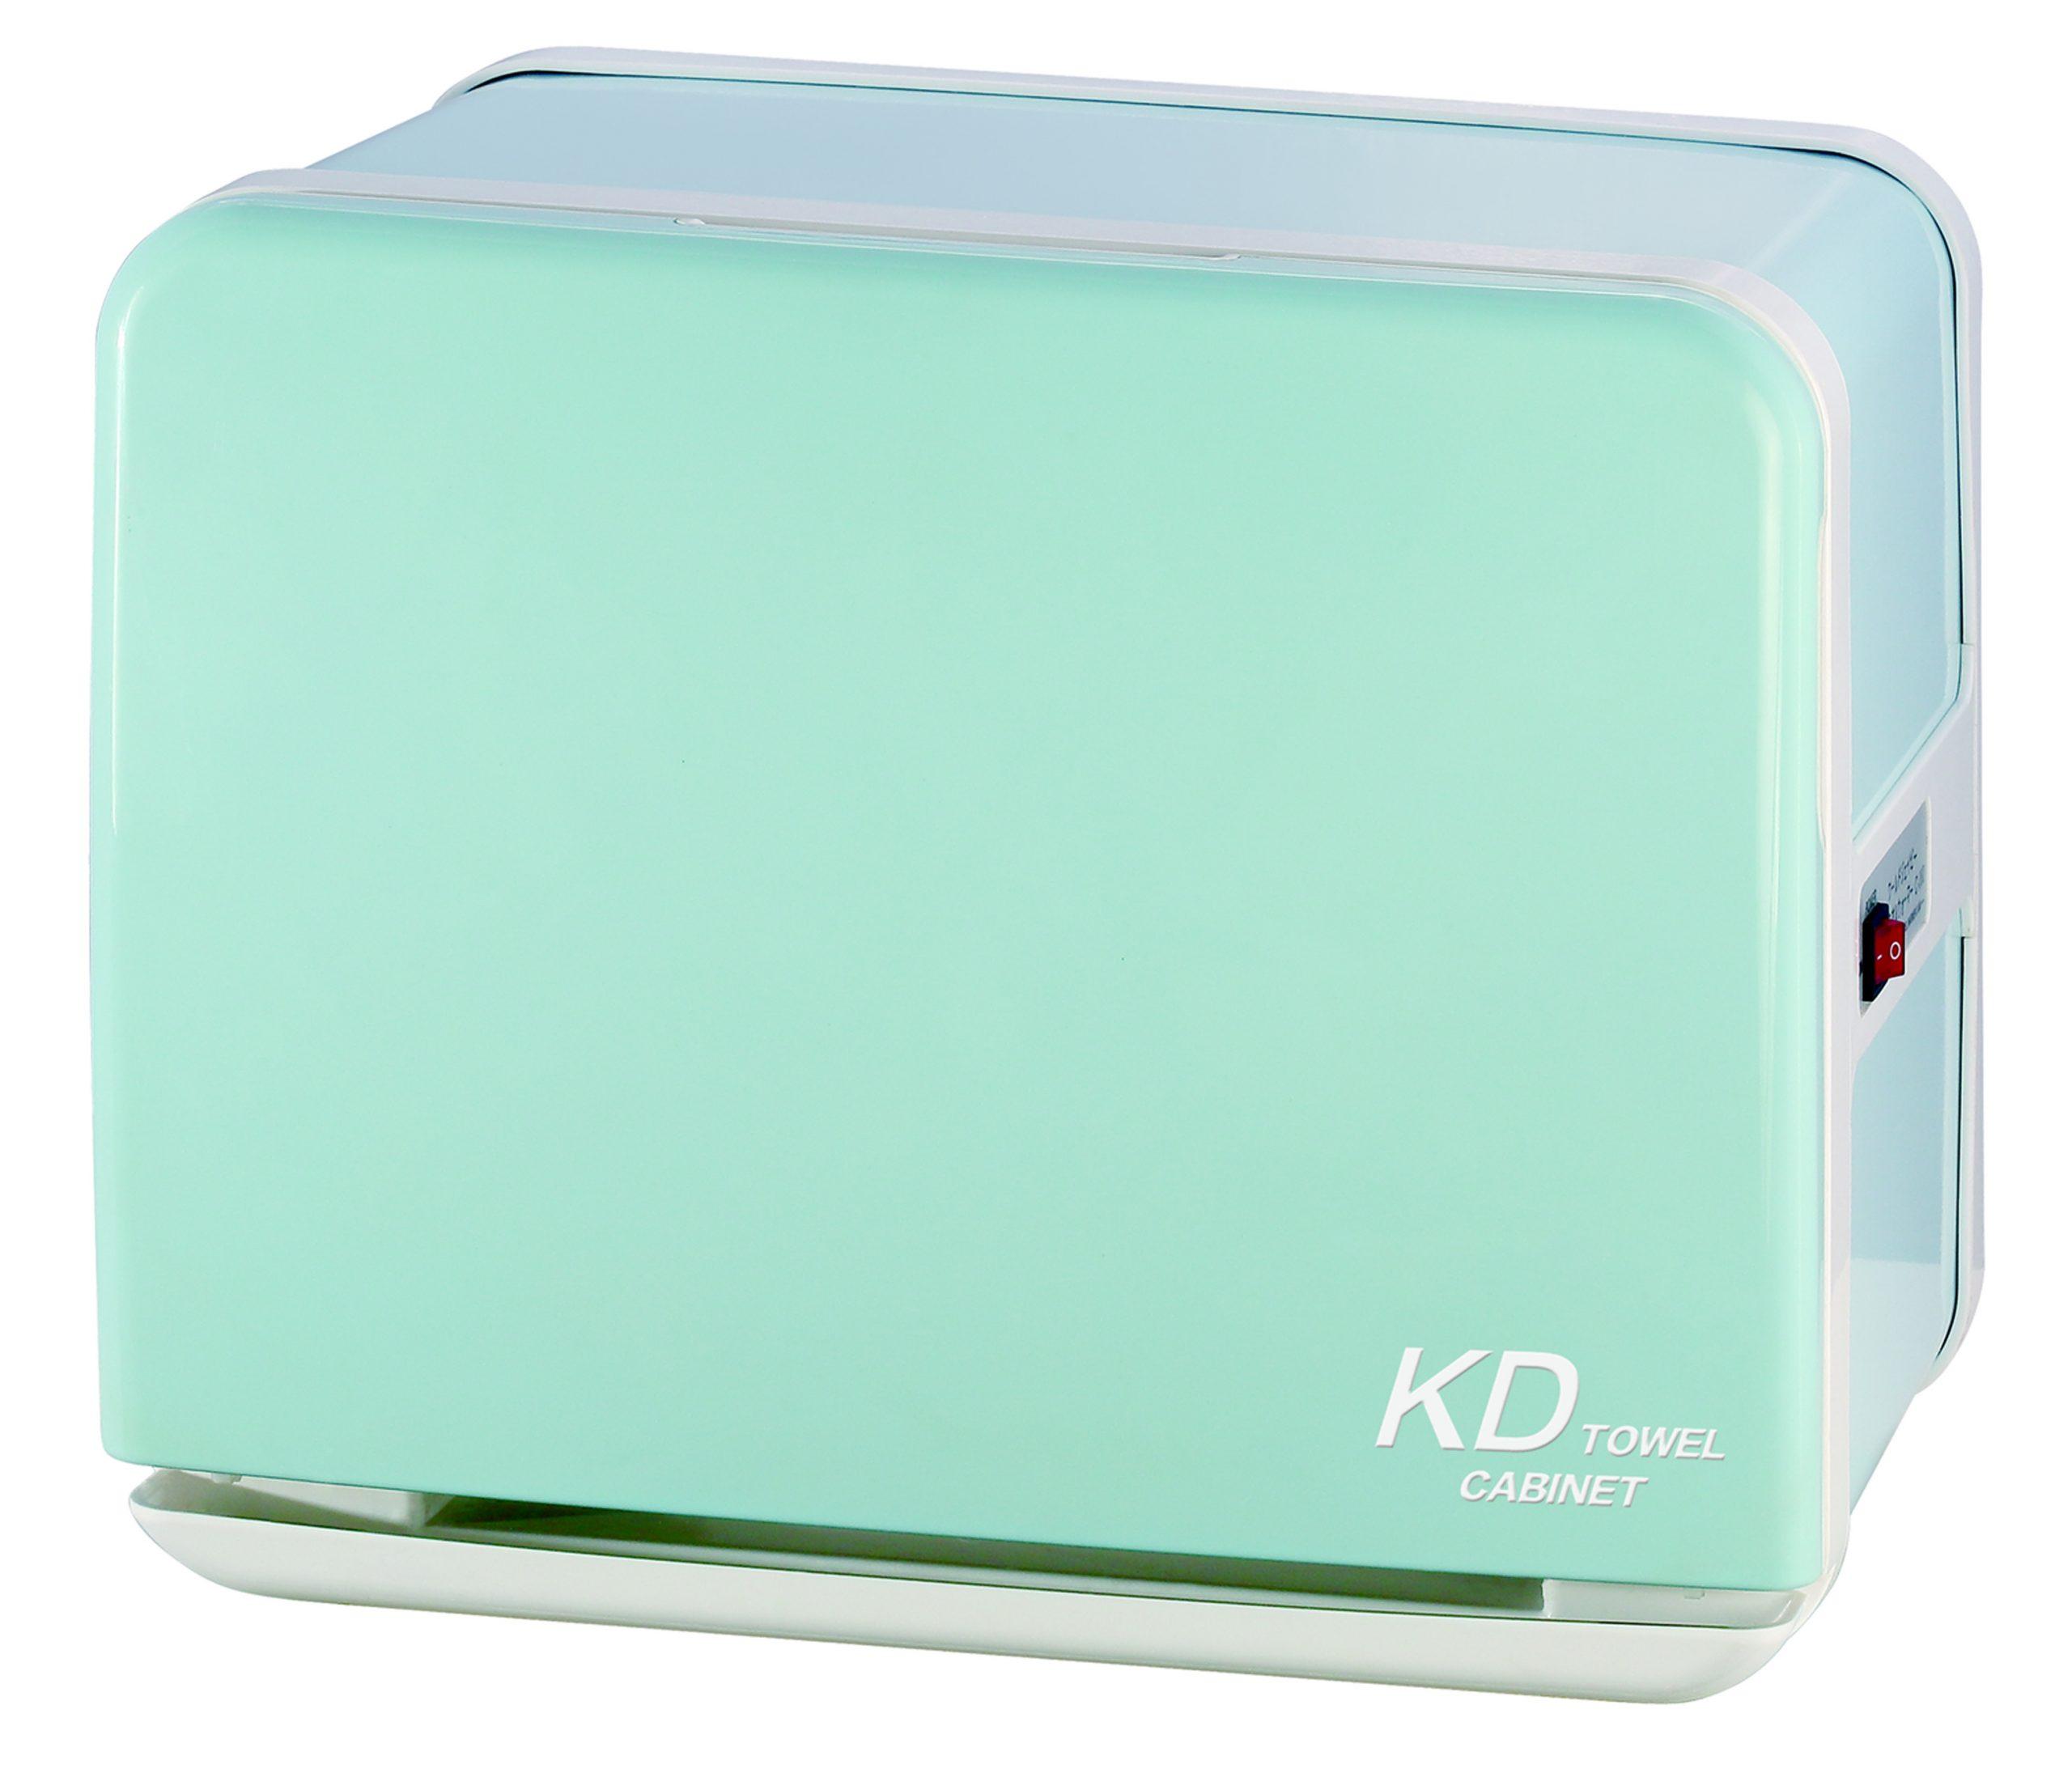 Нагреватель для полотенец (ошиборница) KDJ 8 голубая - изображение